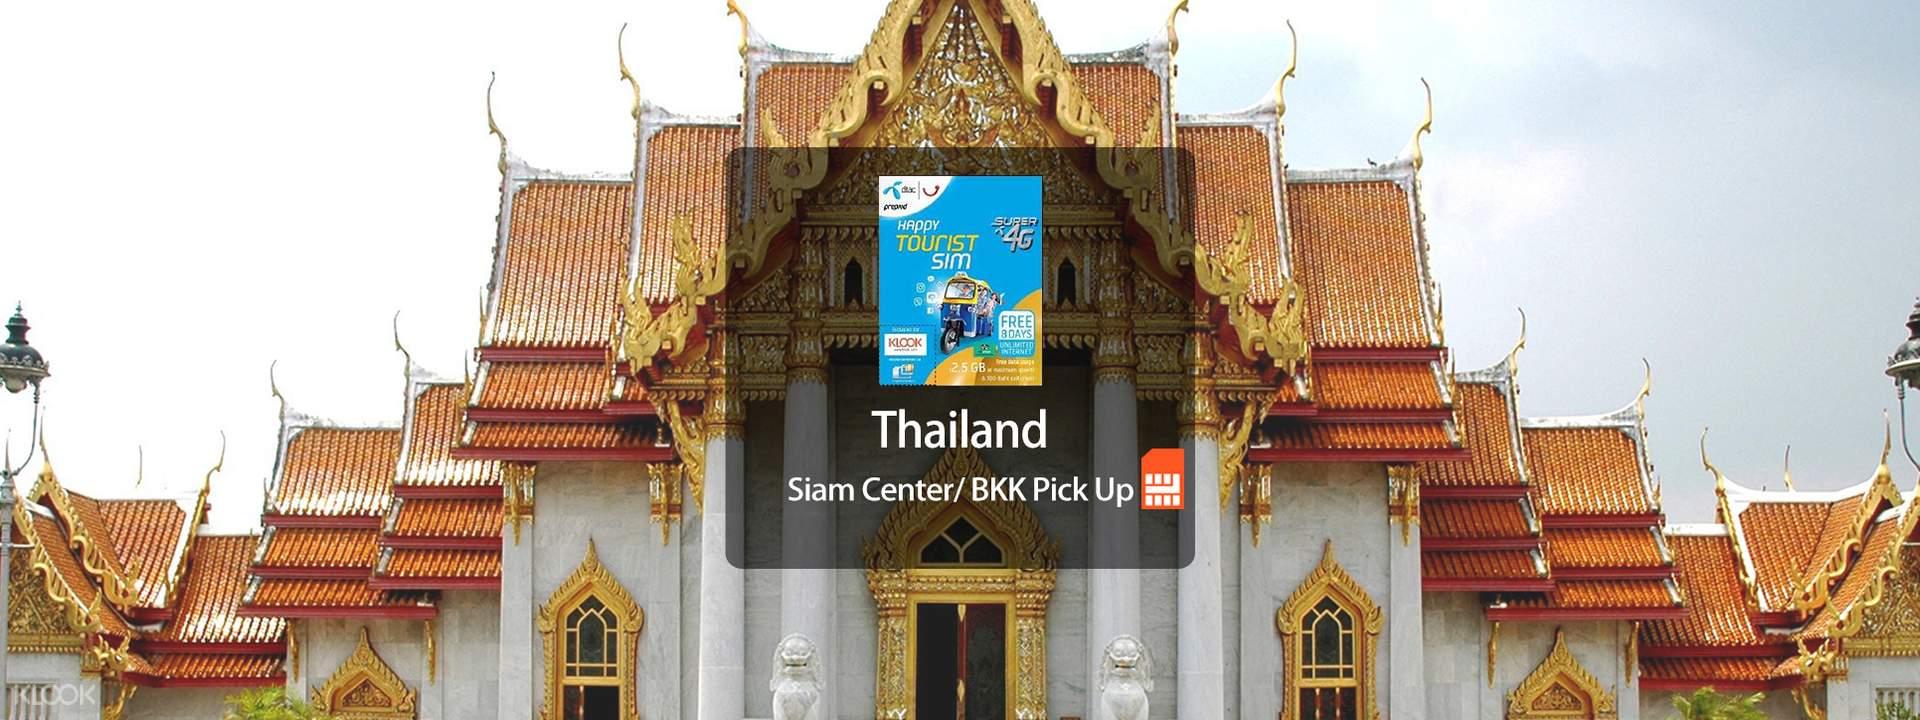 DTAC Happy Tourist 4G SIM Card (Bangkok Airports Pick Up